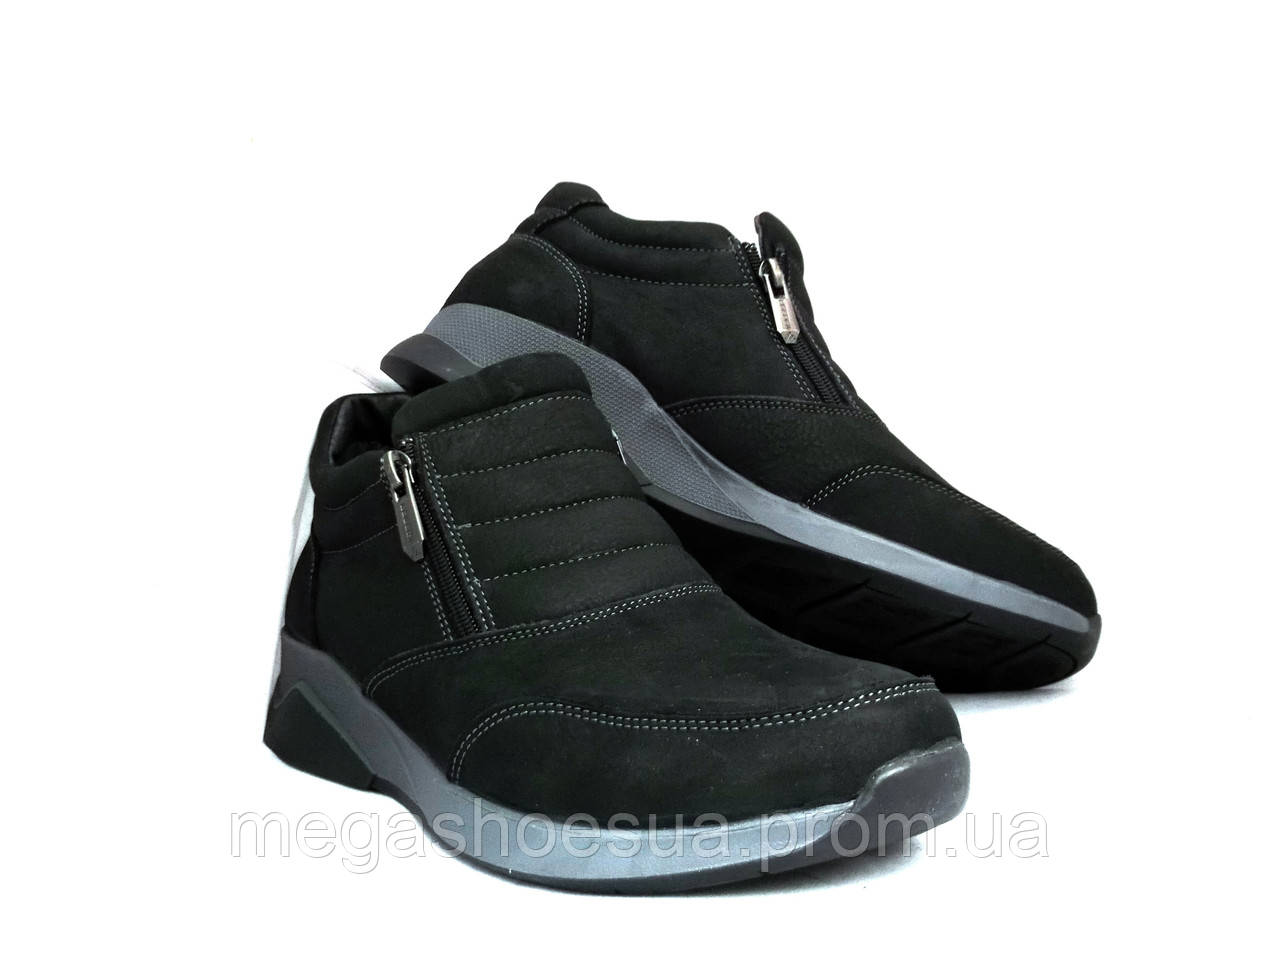 Ботинки мужские Konors Climaheat натуральная кожа комфорт -  Интернет-магазин украинской обуви MegaShoes в Киеве 4e85bc9abd5